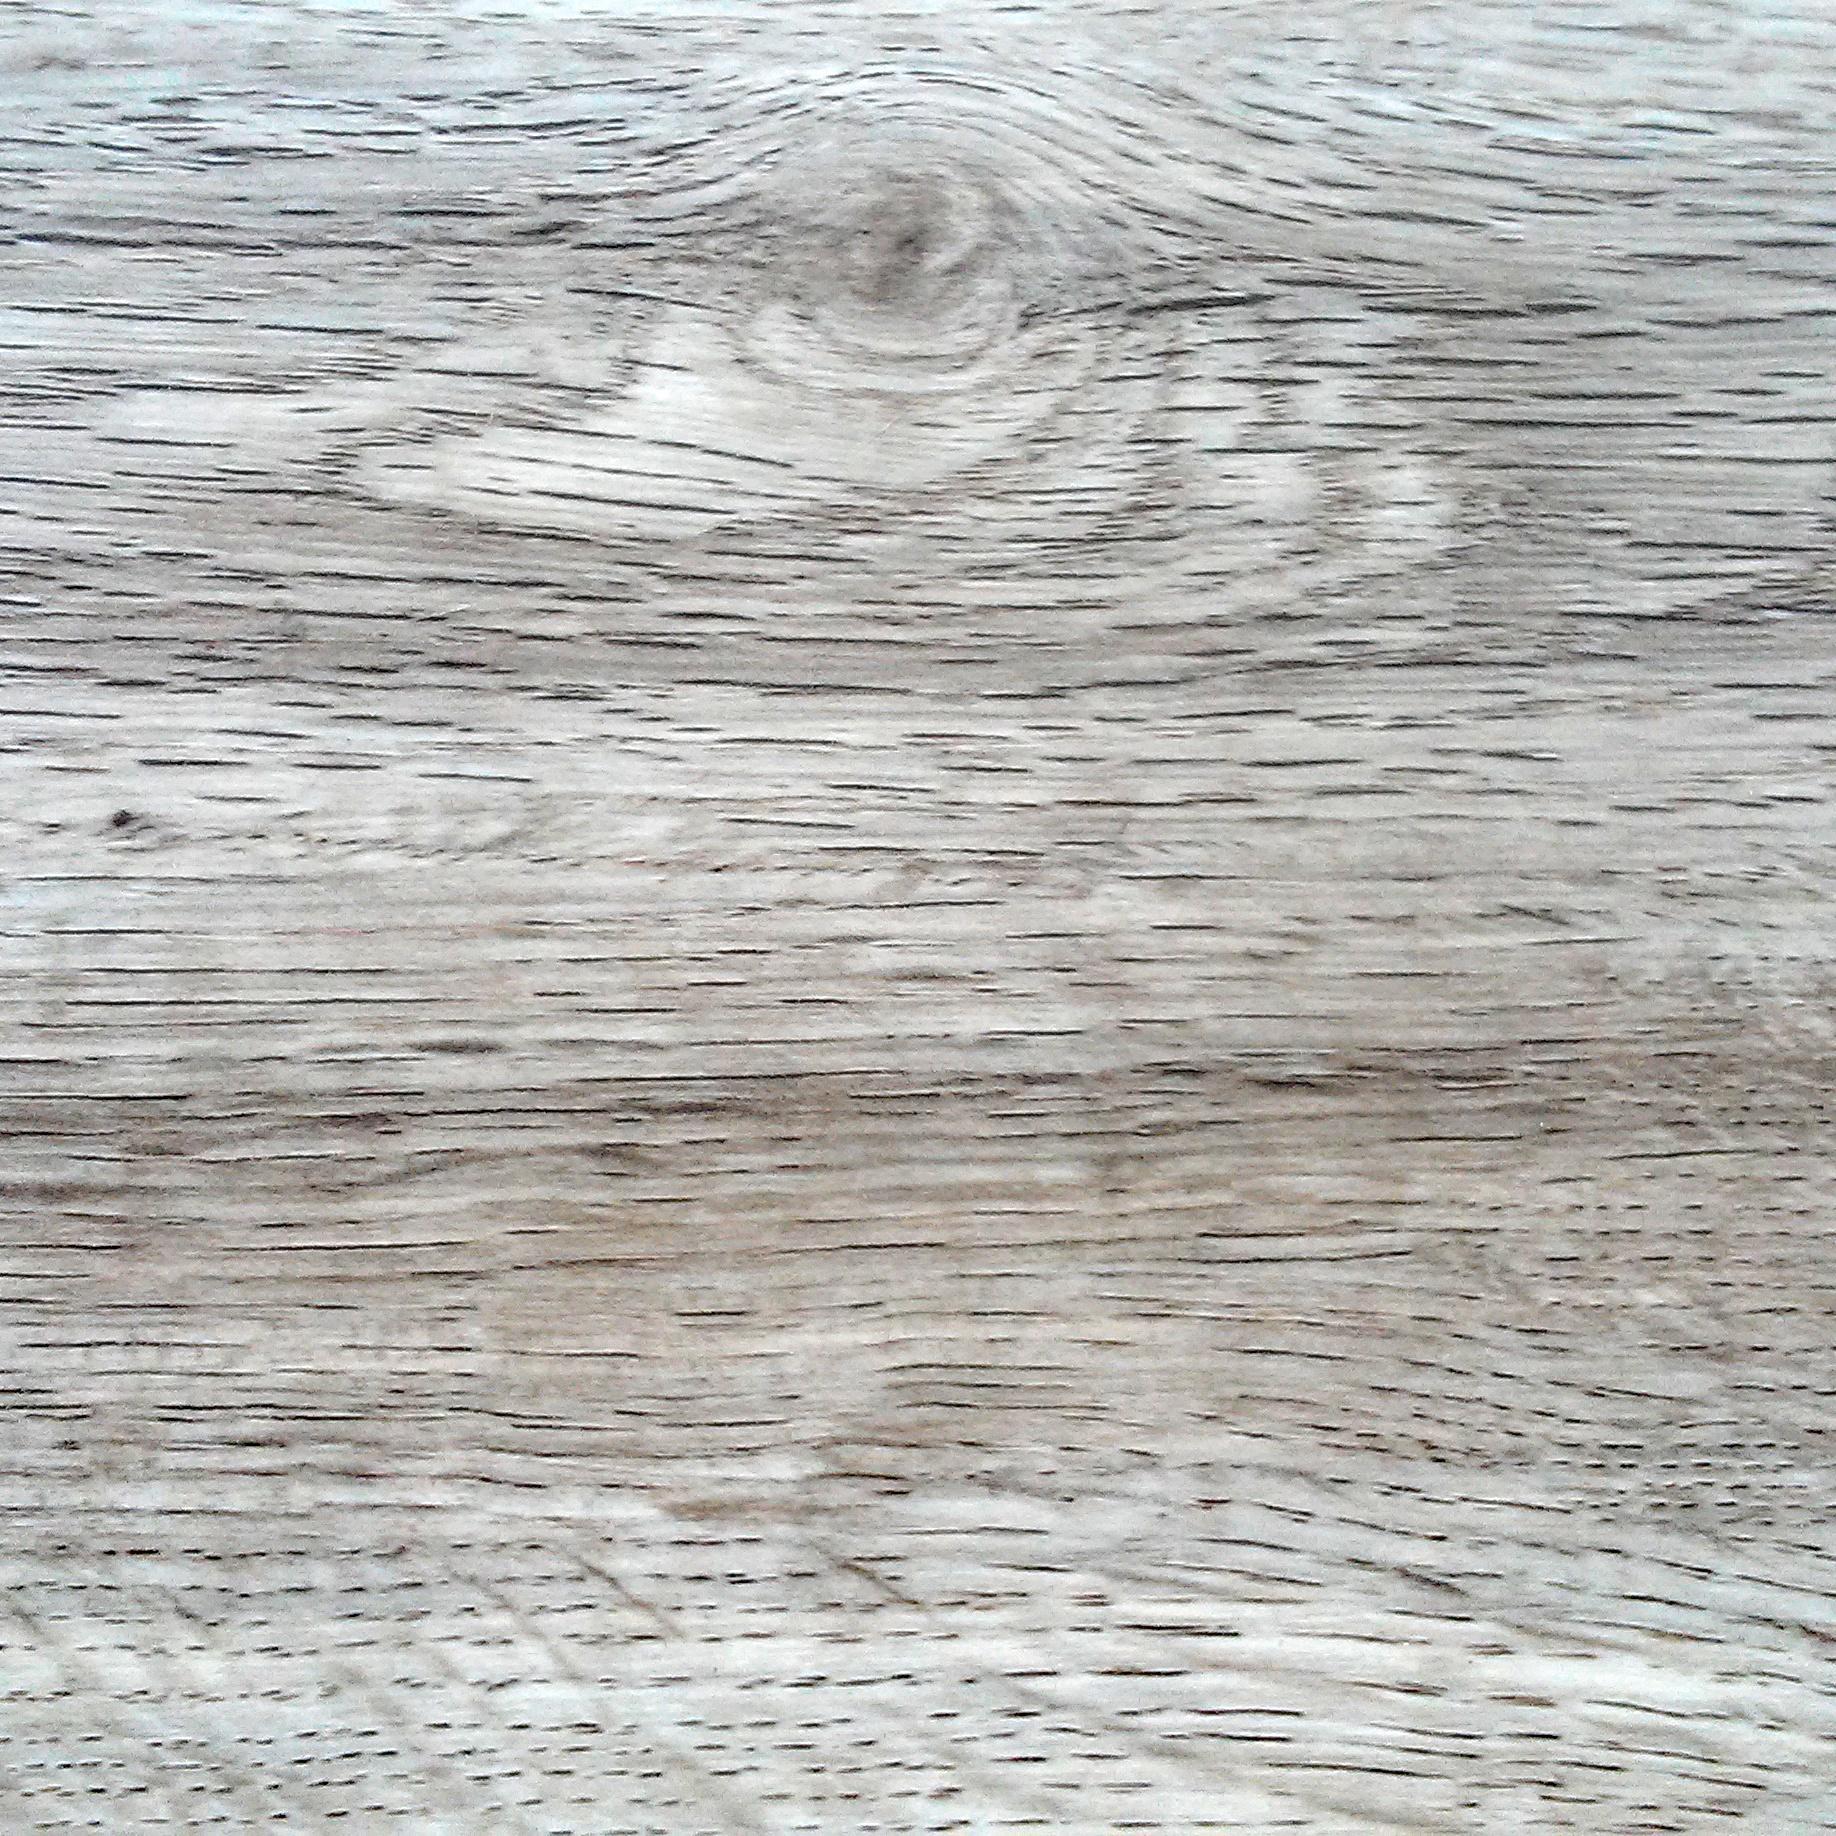 Clickstall Vinyl Plank Flooring